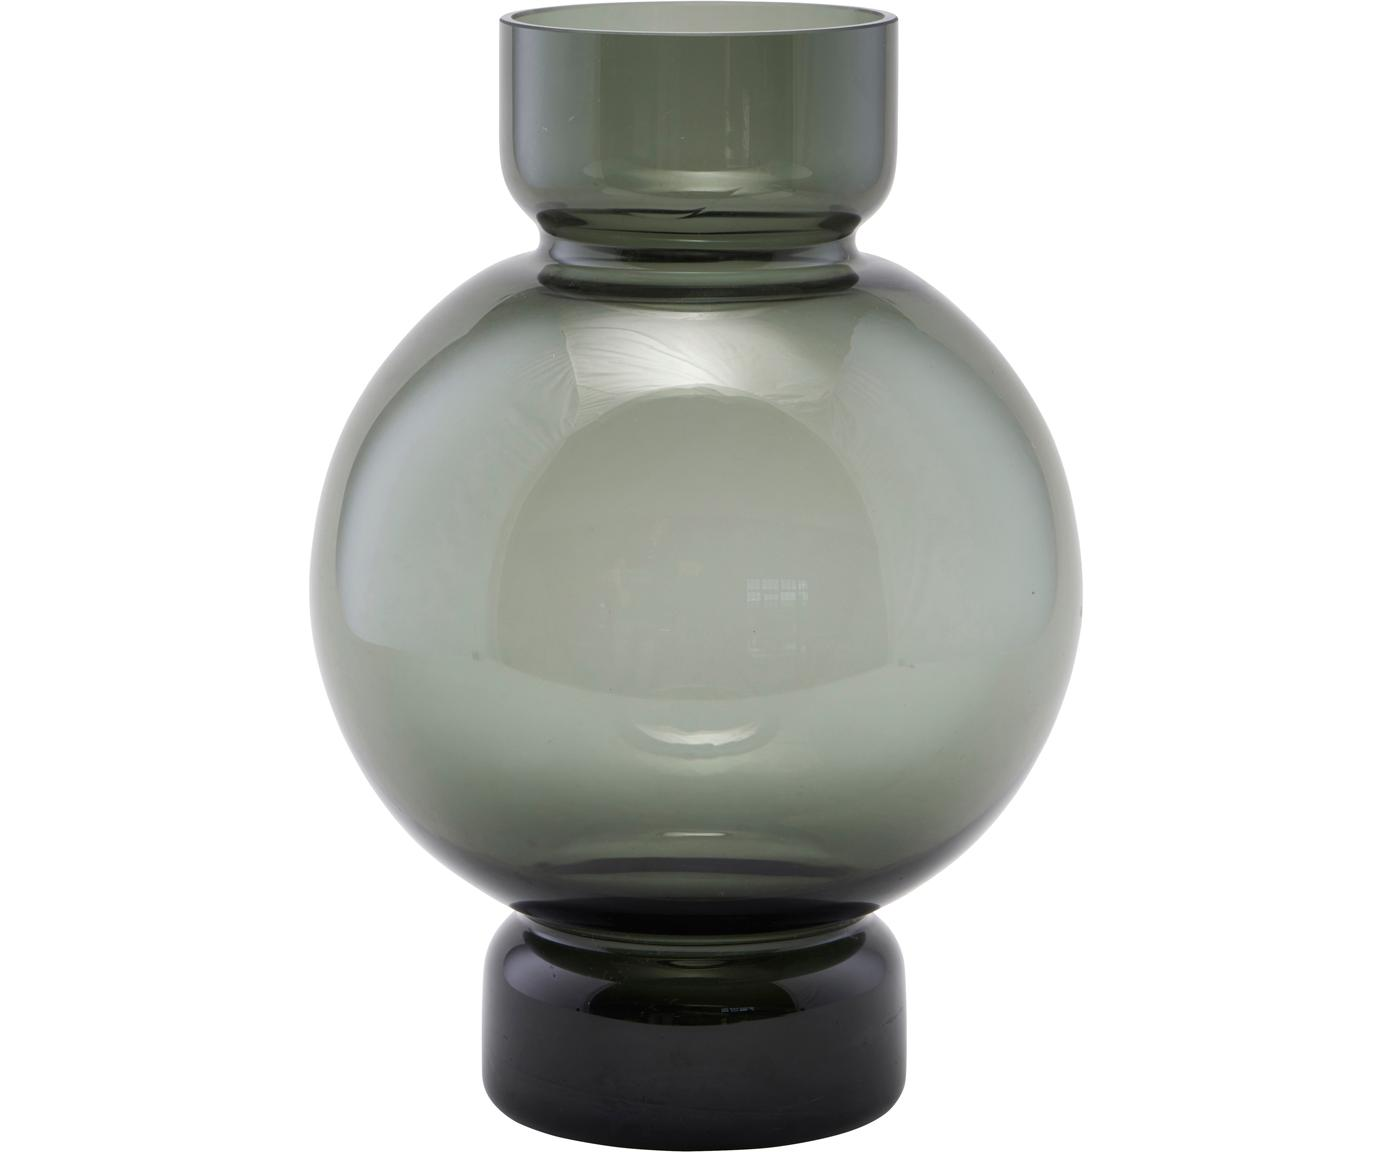 Wazon Bubble, Szkło, Szary, transparentny, Ø 18 x W 25 cm